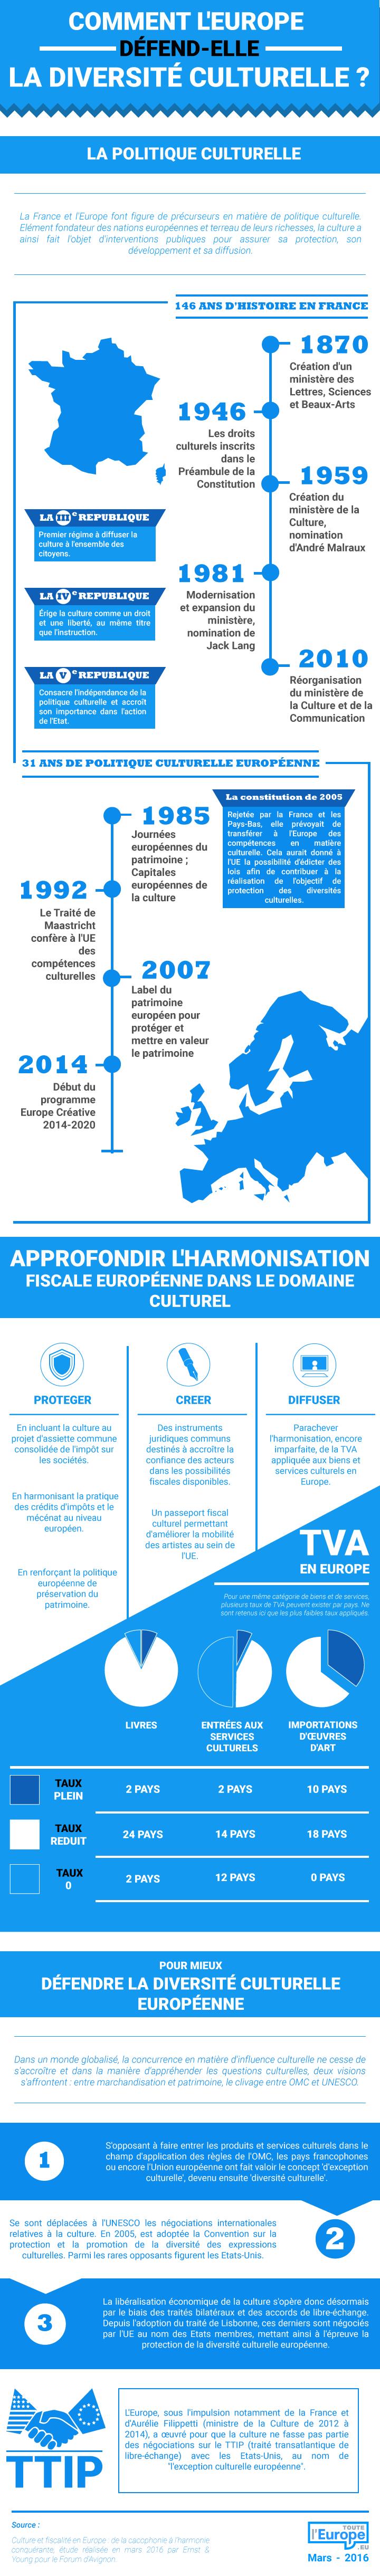 Datavisualisation Comment l'Europe défend-elle la diversité culturelle européenne ?